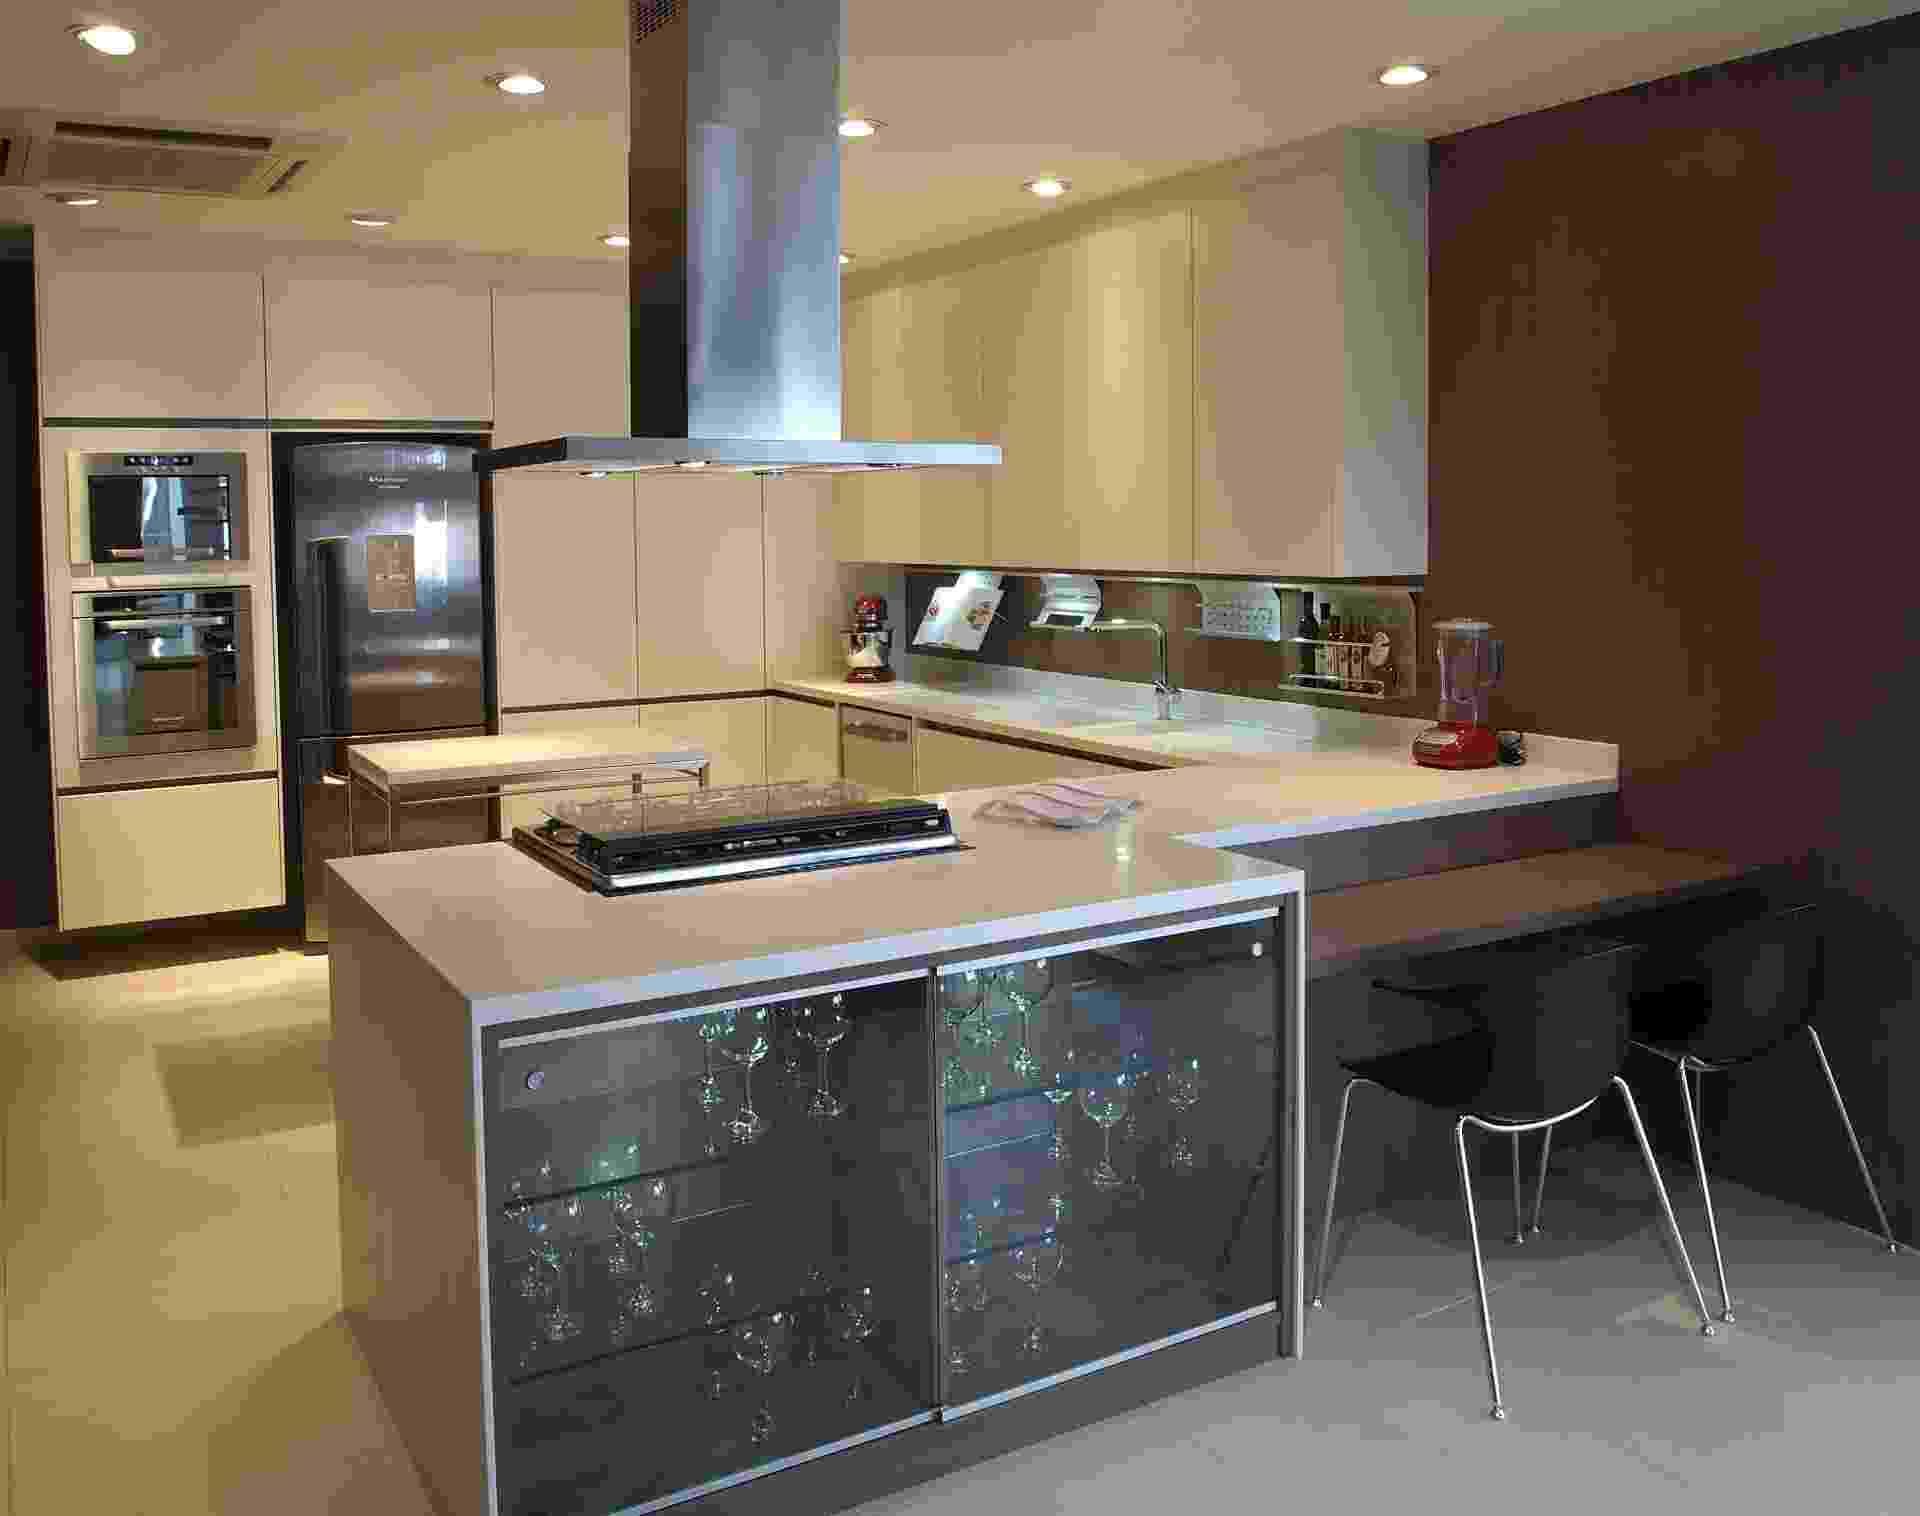 Outro projeto de cozinha planejada da Kitchens (www.kitchens.com.br) aproveita todo o espaço para compor um uma grande área de armazenamento, na qual os armários são feitos de laminado branco Cotele. Em frente à bancada, o diferencial são as portas deslizantes e prateleiras de vidro ao lado de uma mesa integrada ao tampo - Divulgação